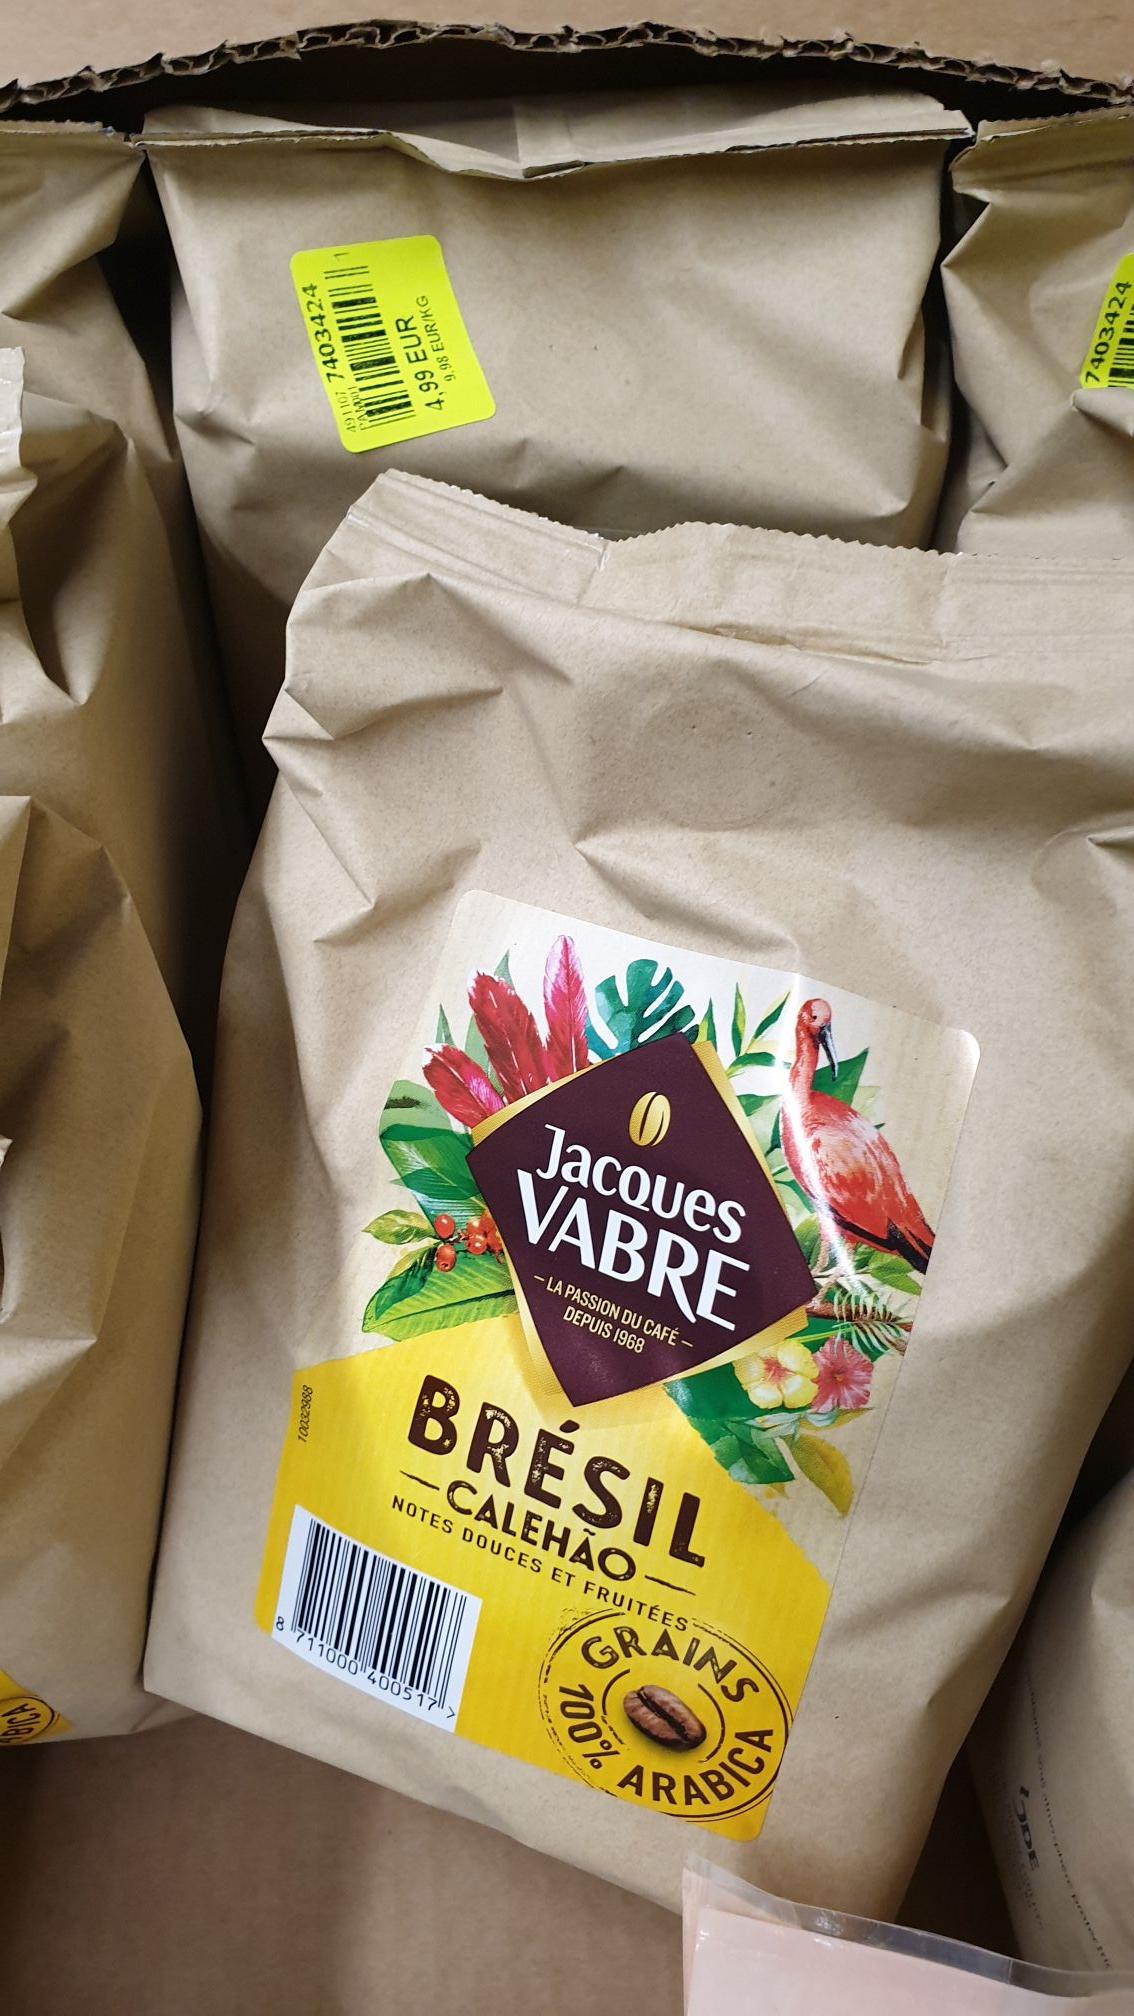 Café en grains Jacques Vabre Brésil Calehao (100% Arabica, 500g) - Évreux (27)